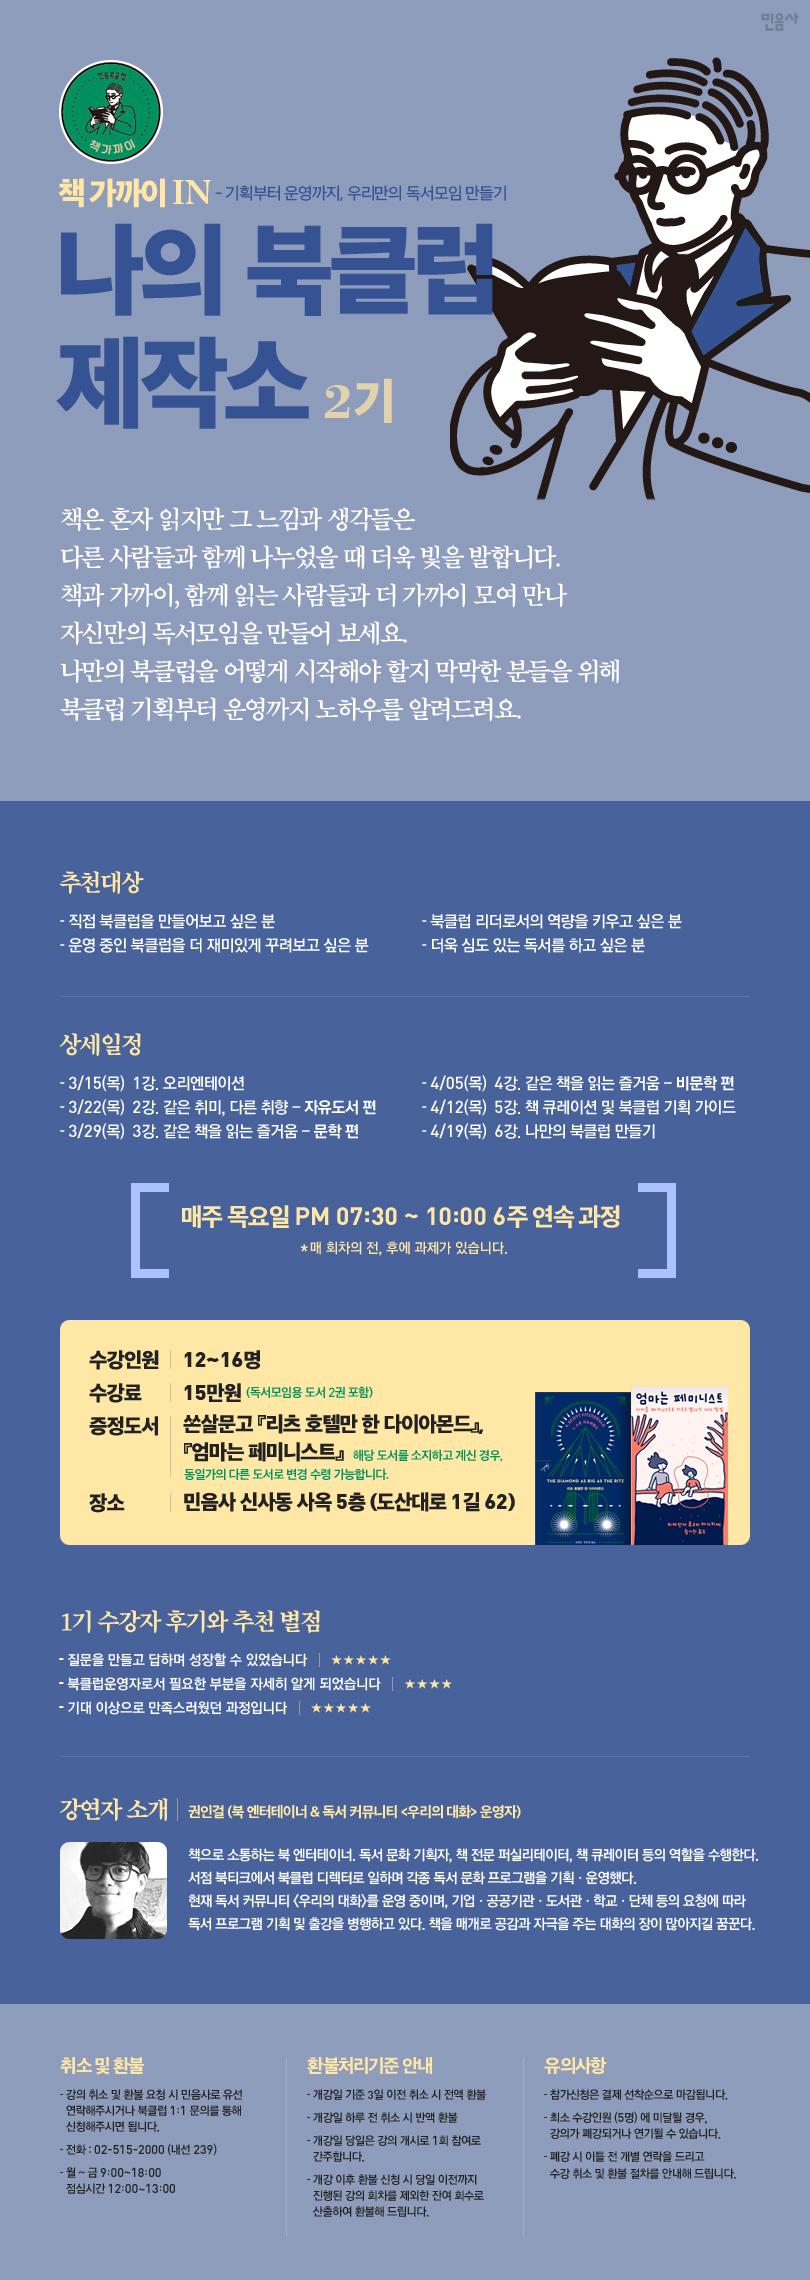 민음사_책가까이_나의북클럽제작소_02(최종)